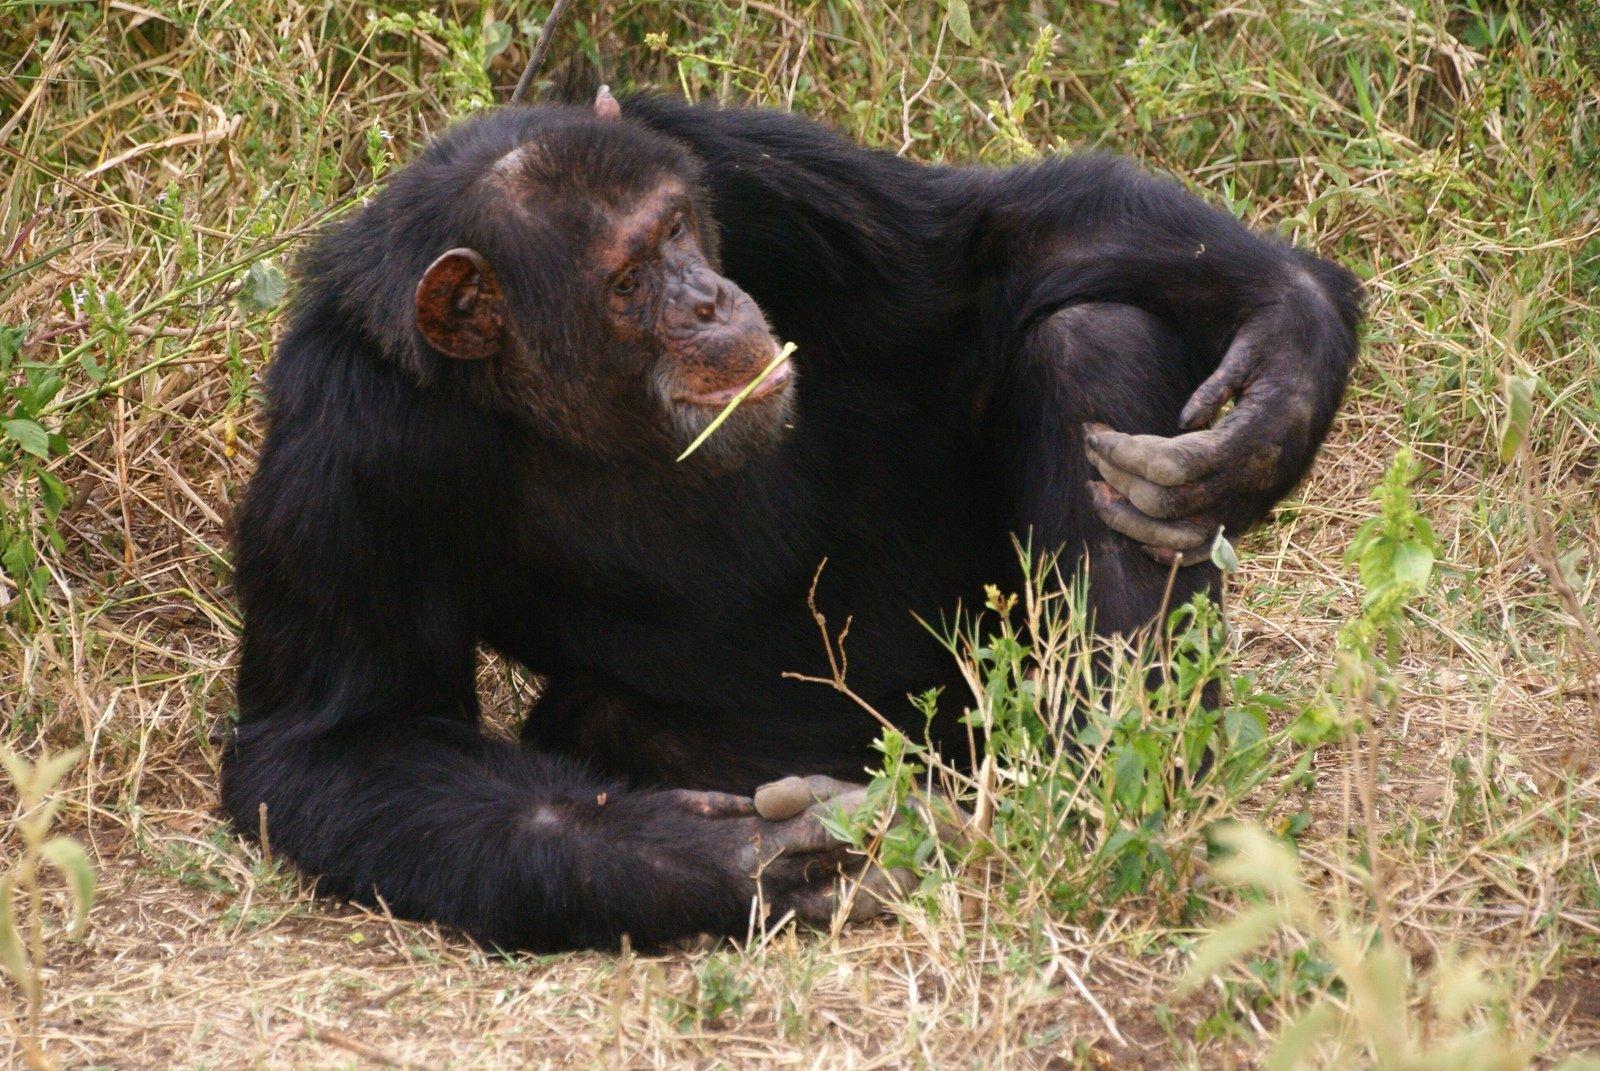 endangered chimpanzee